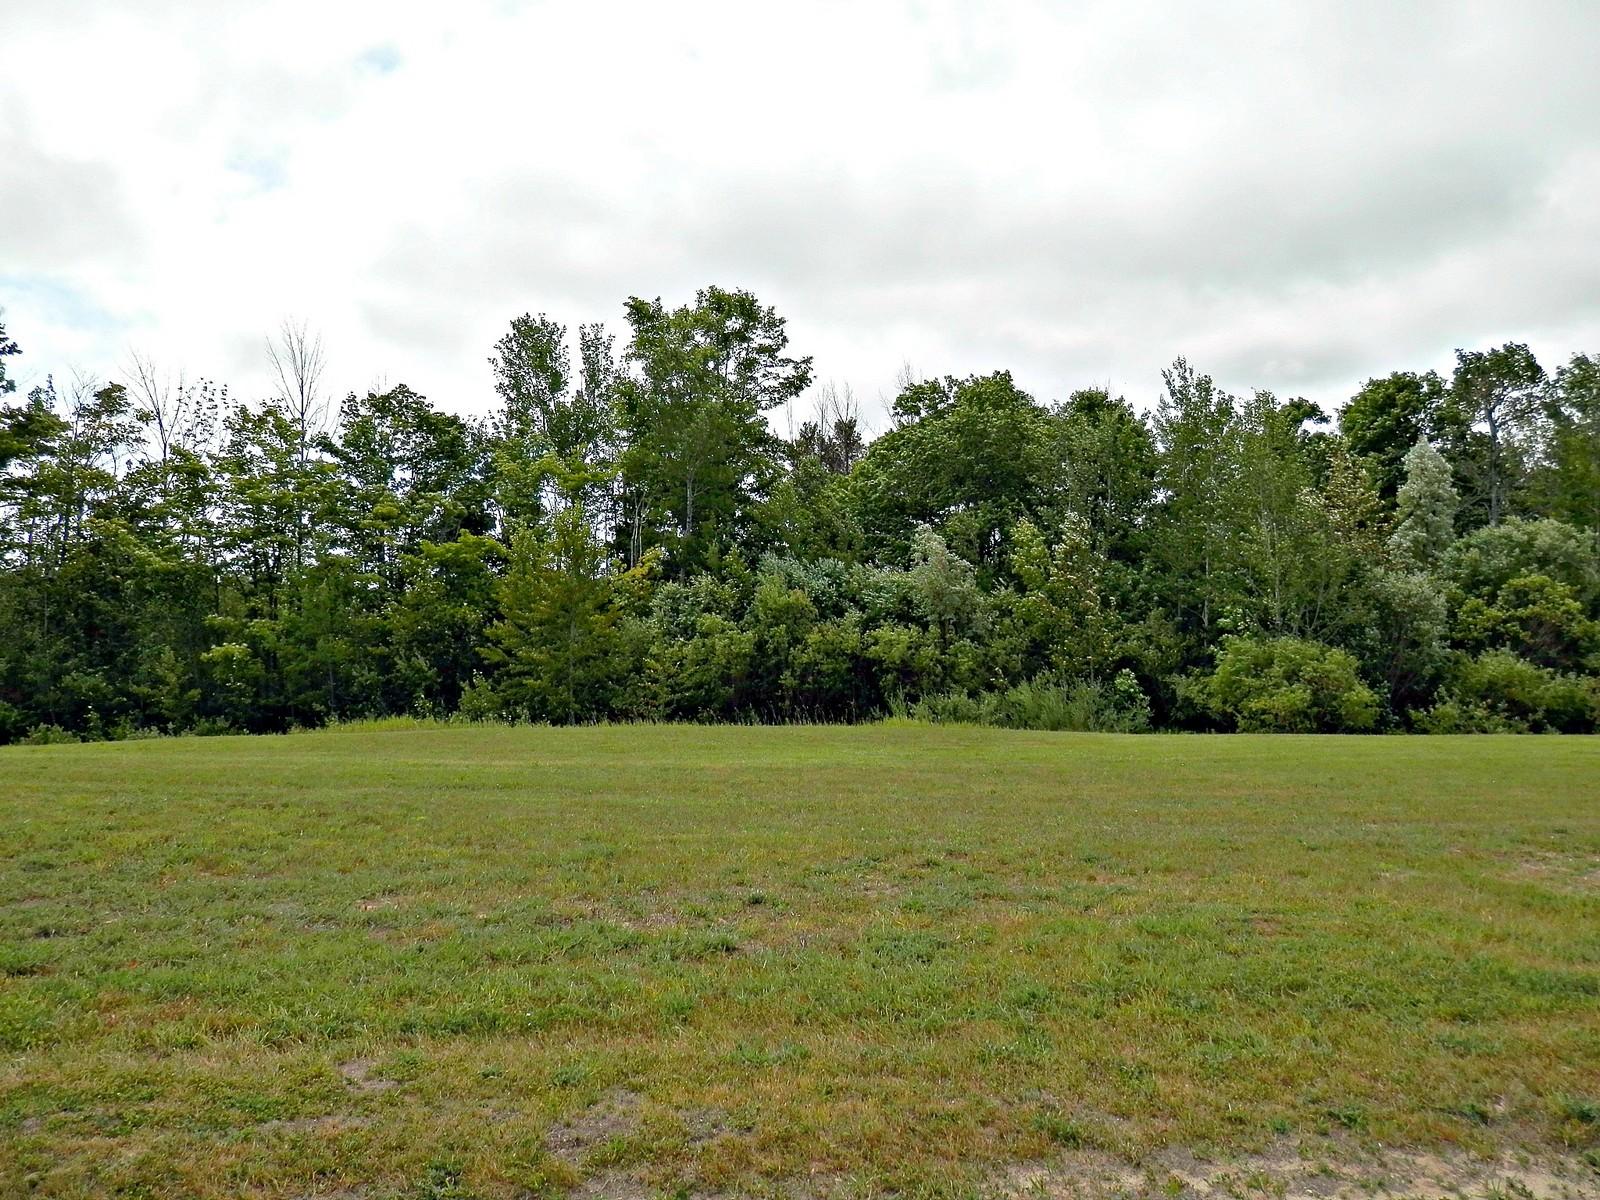 Terreno para Venda às Quarry Golf Course View Home Site 6301 Quarry View Court Bay Harbor, Michigan, 49770 Estados Unidos